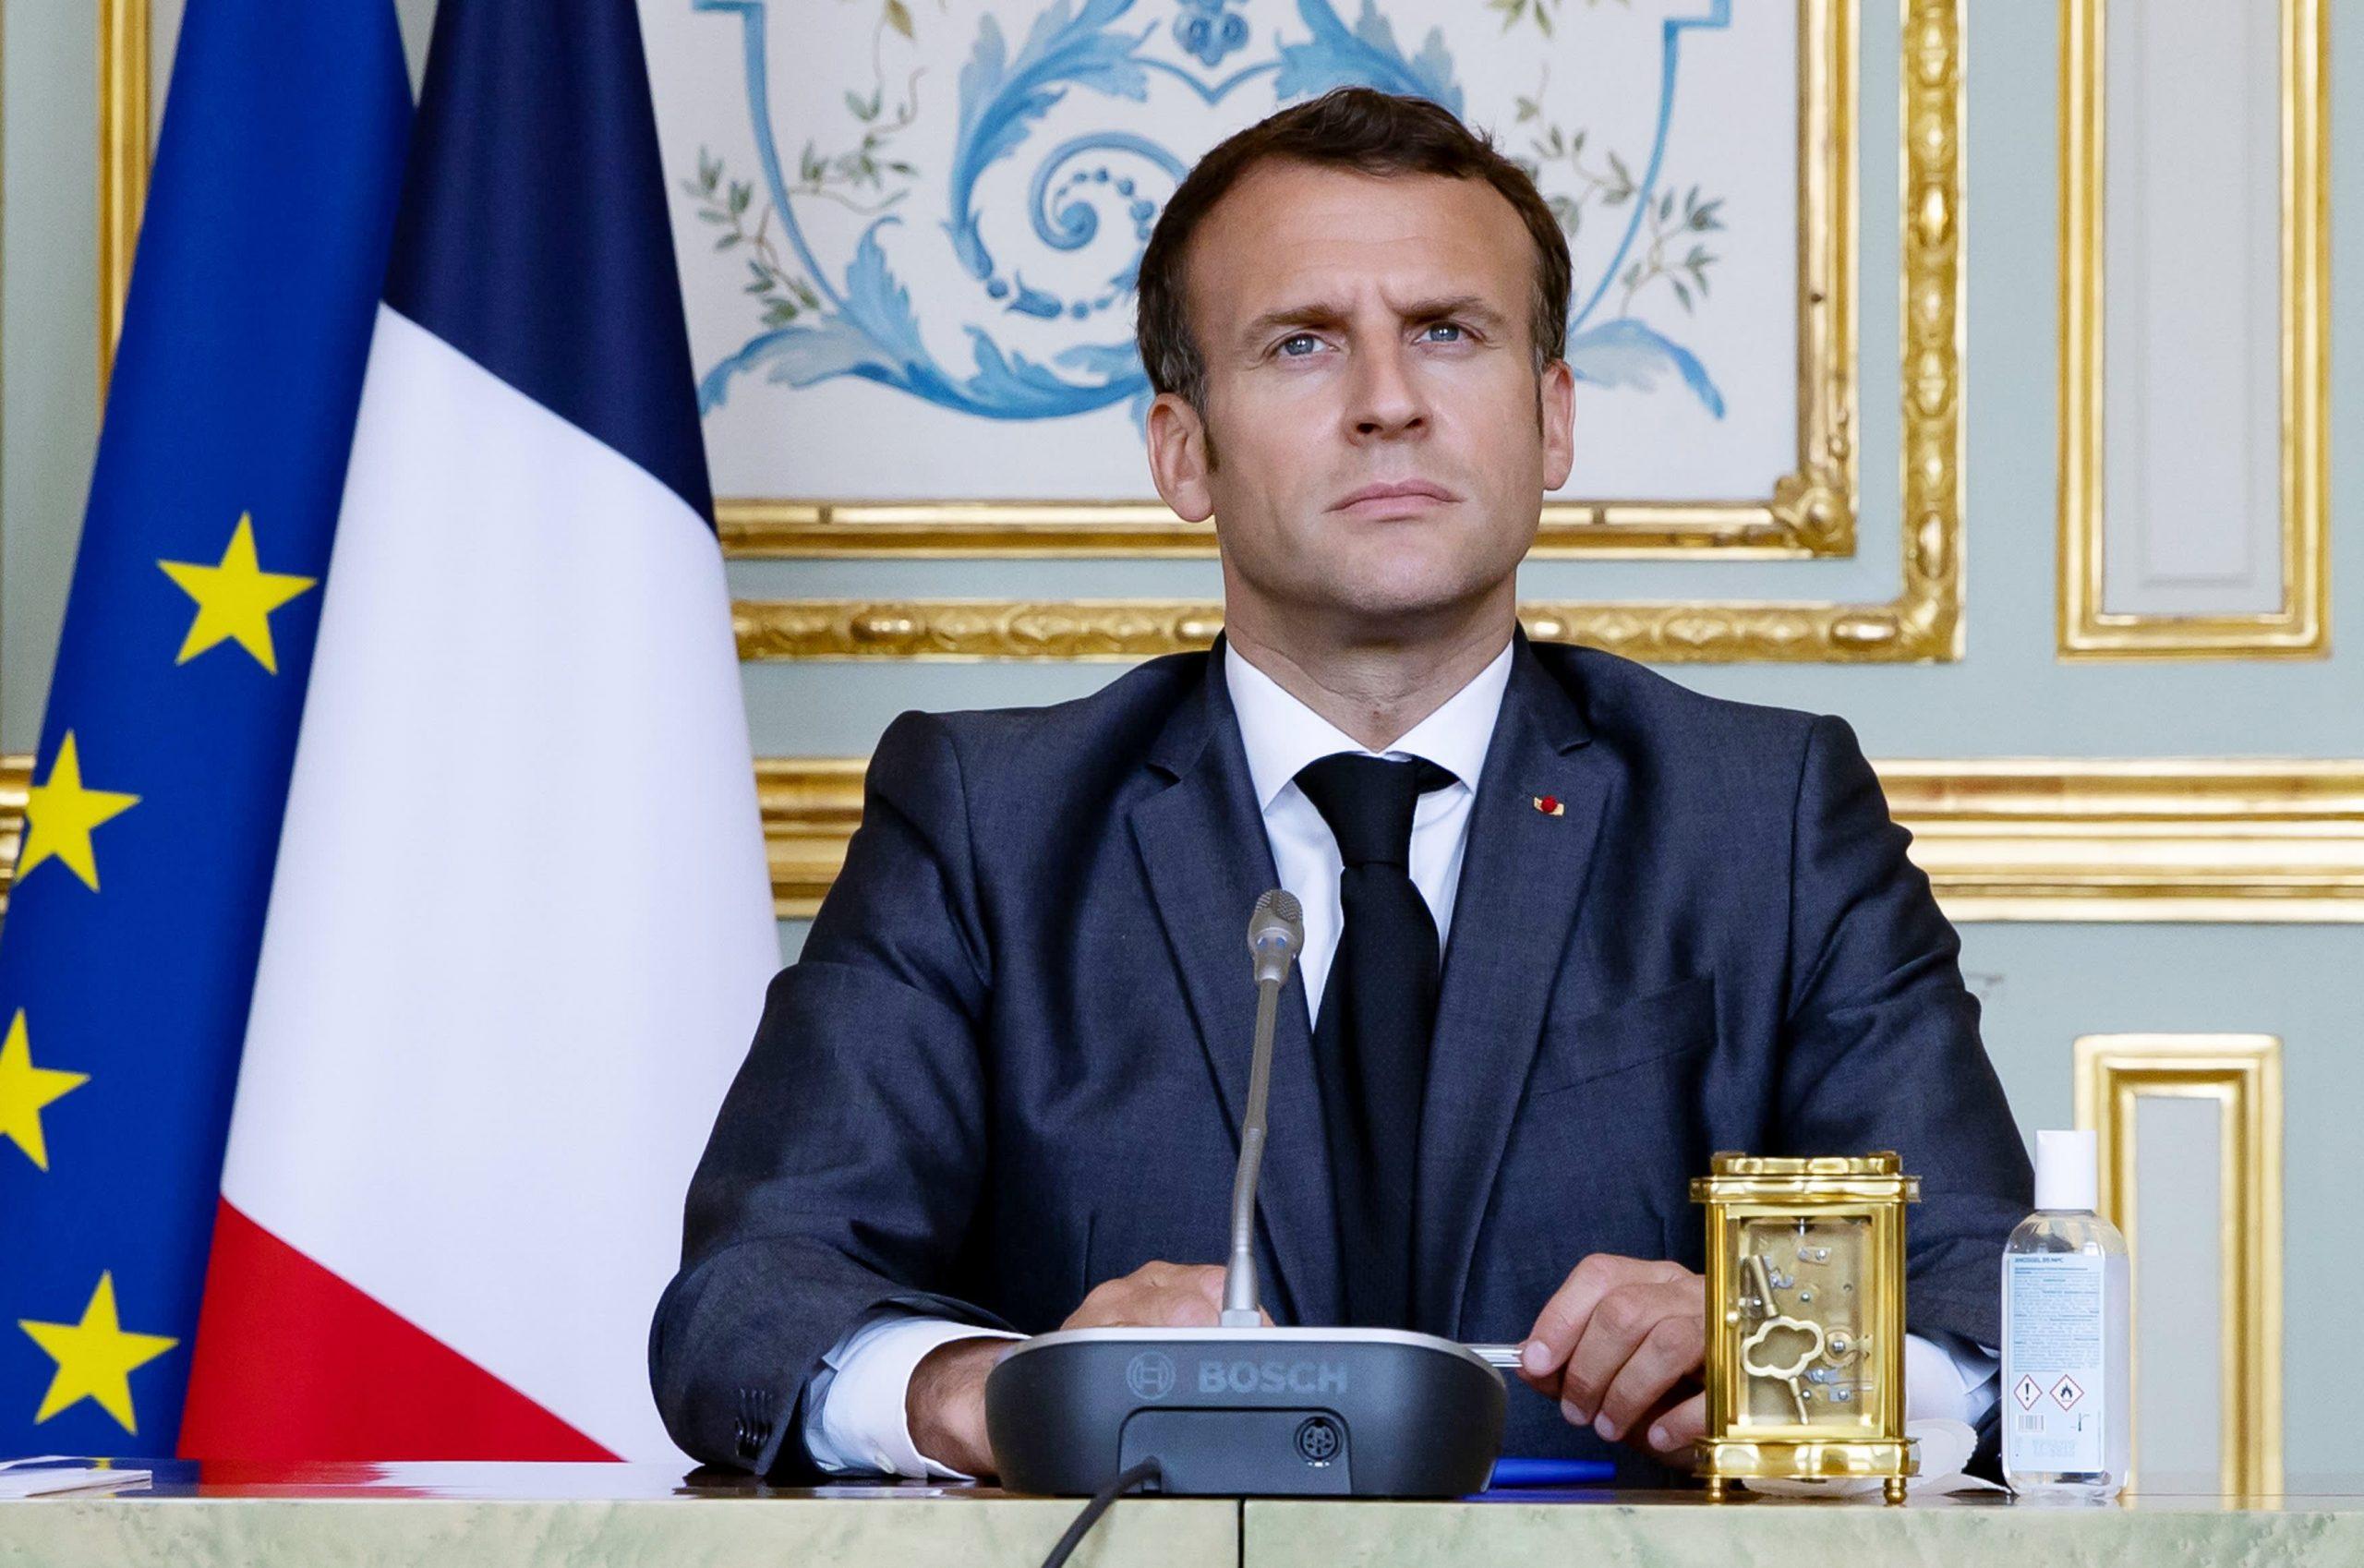 El presidente francés Emmanuel Macron abofeteado, dos personas arrestadas